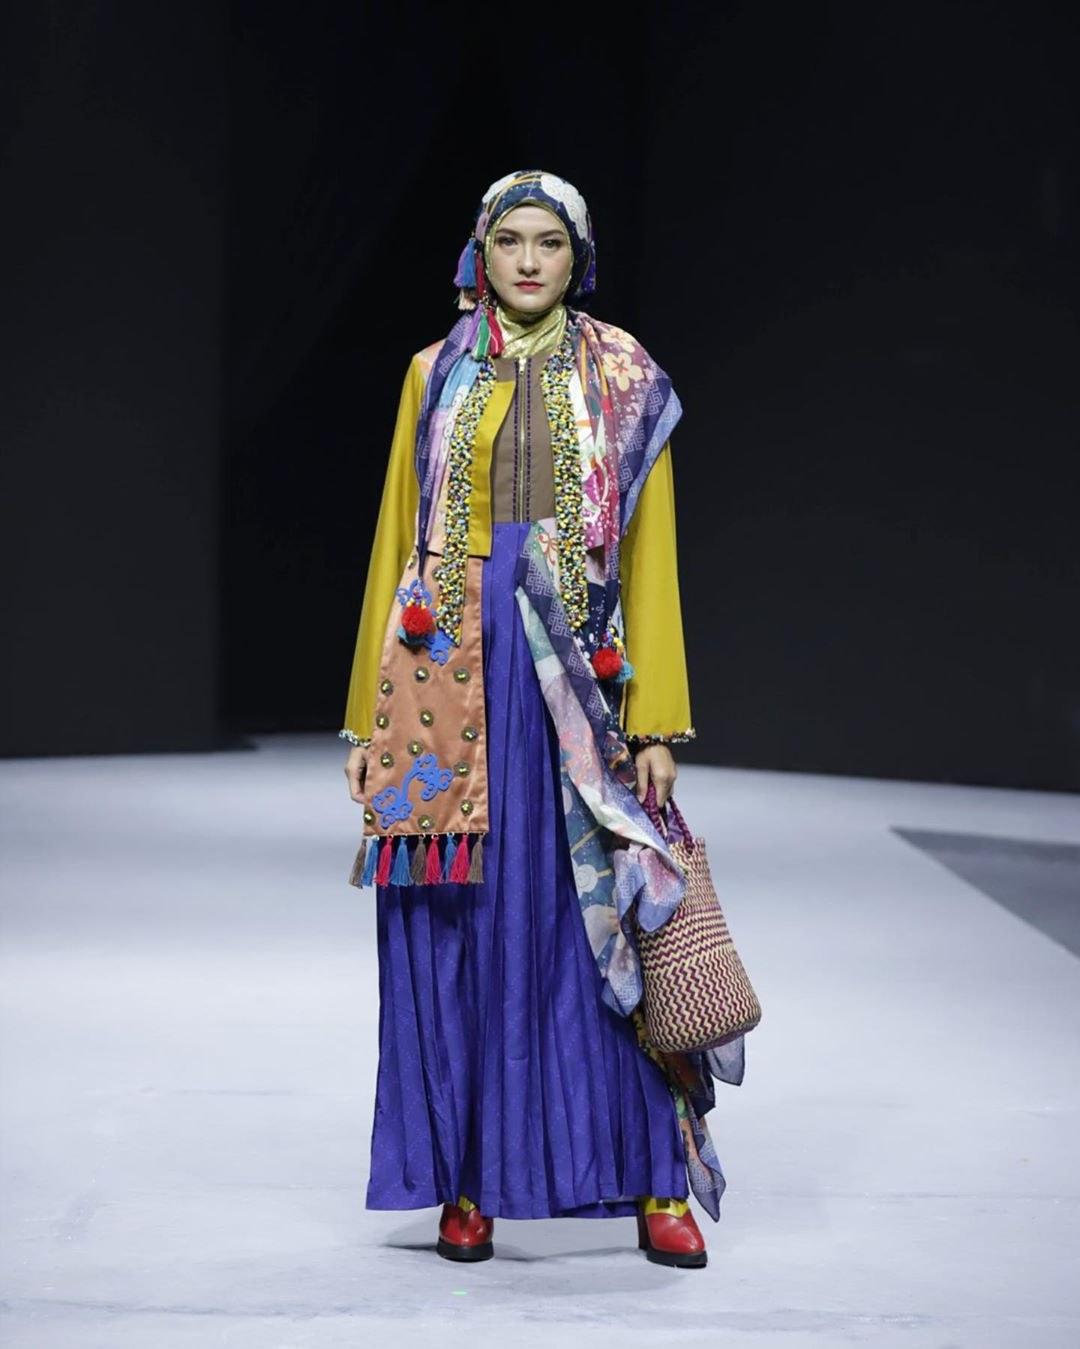 Model Baju Lebaran Tahun 2020 0gdr Inspirasi Model Baju Lebaran 2020 Dari Para Desainer